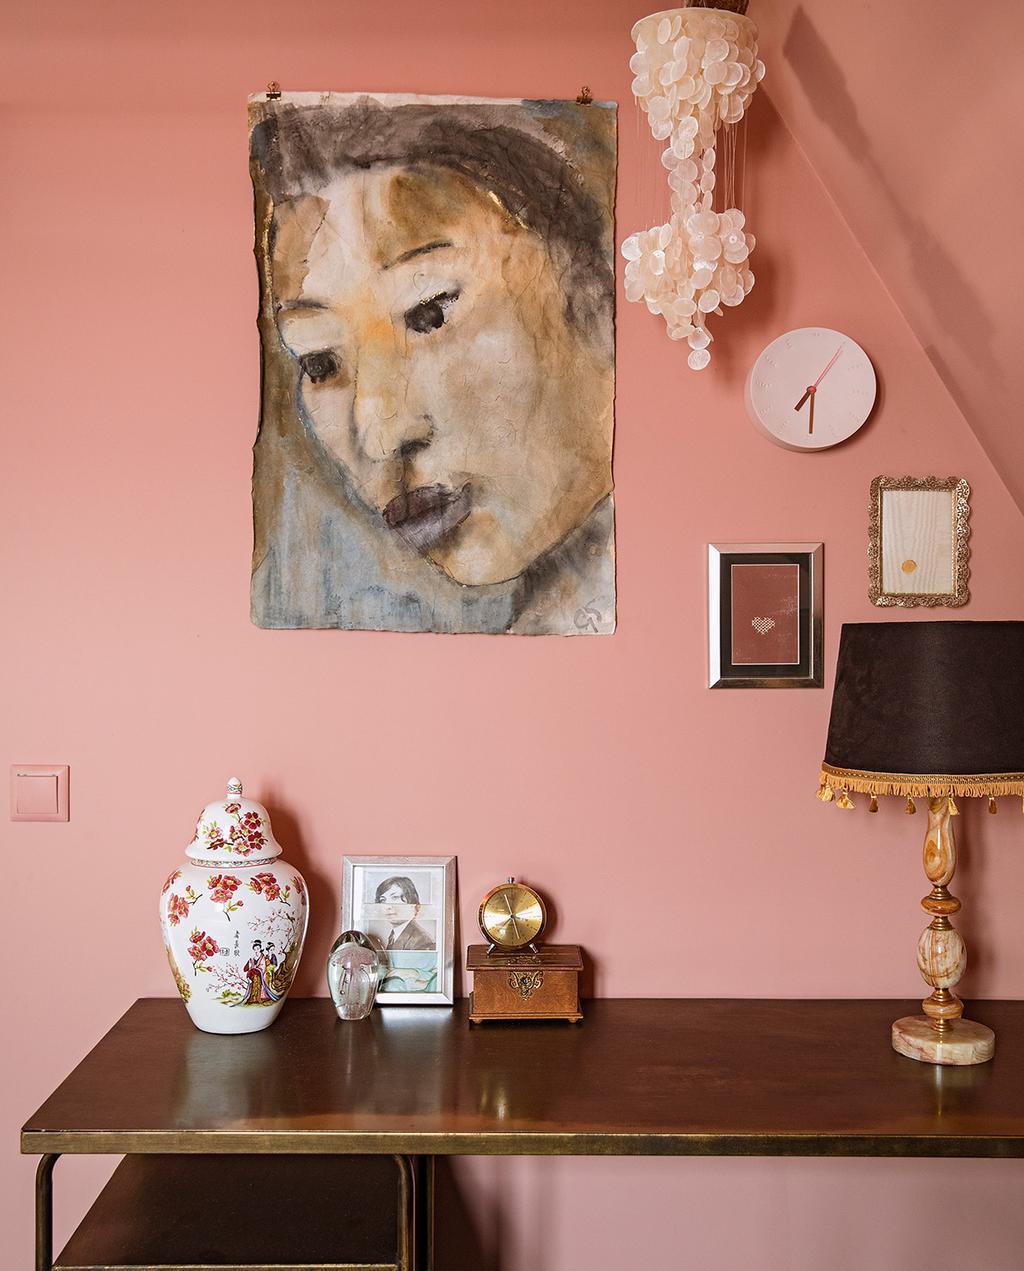 vtwonen 06-2021 | schilderij met tafel, op de tafel staat een lamp vaas en andere ornamenten